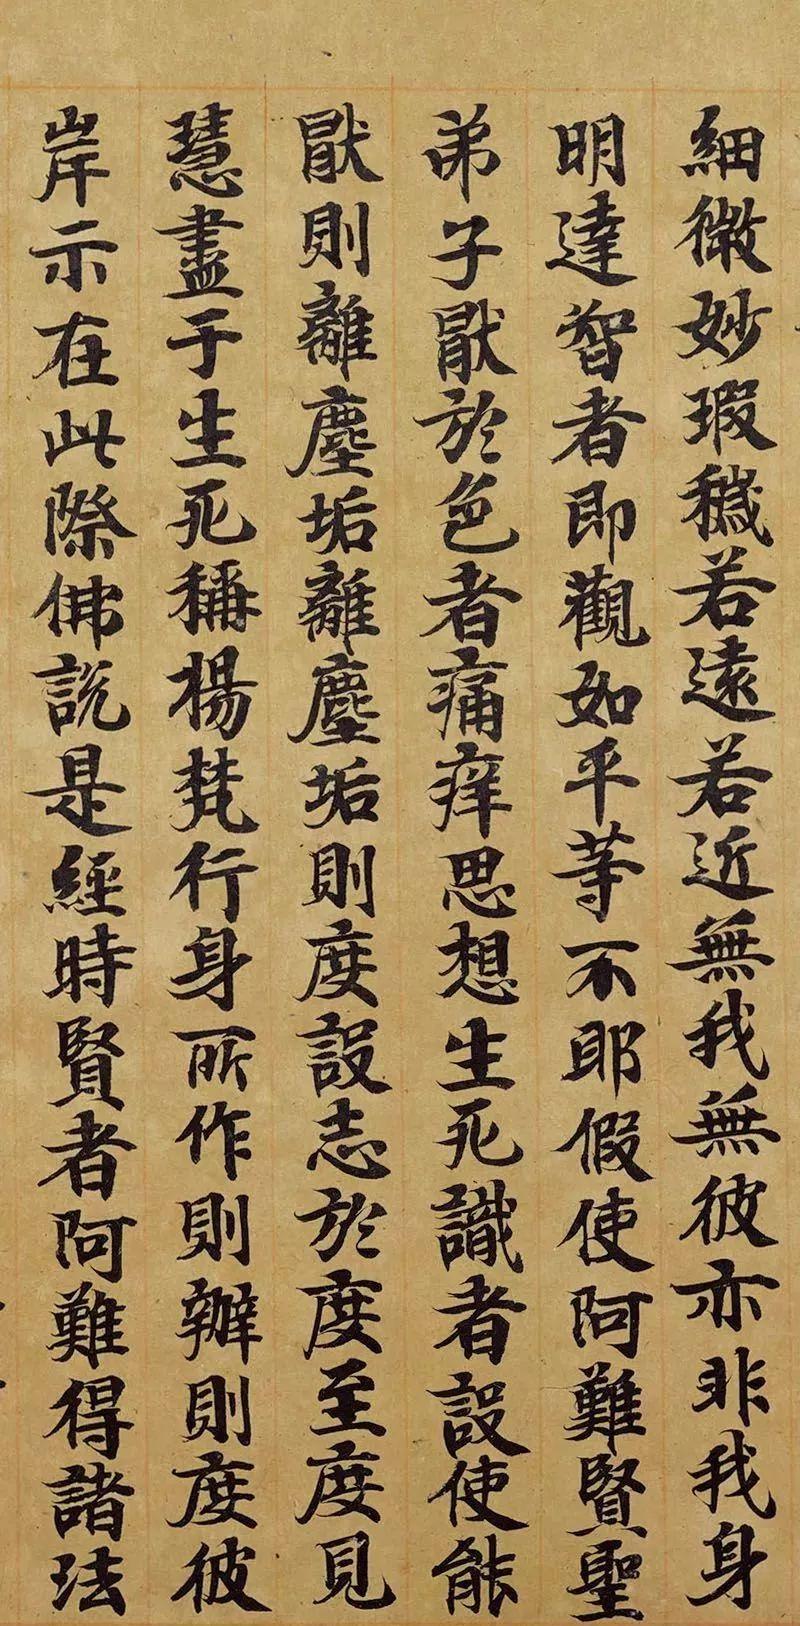 传世楷书:宋人写经卷,精美绝伦